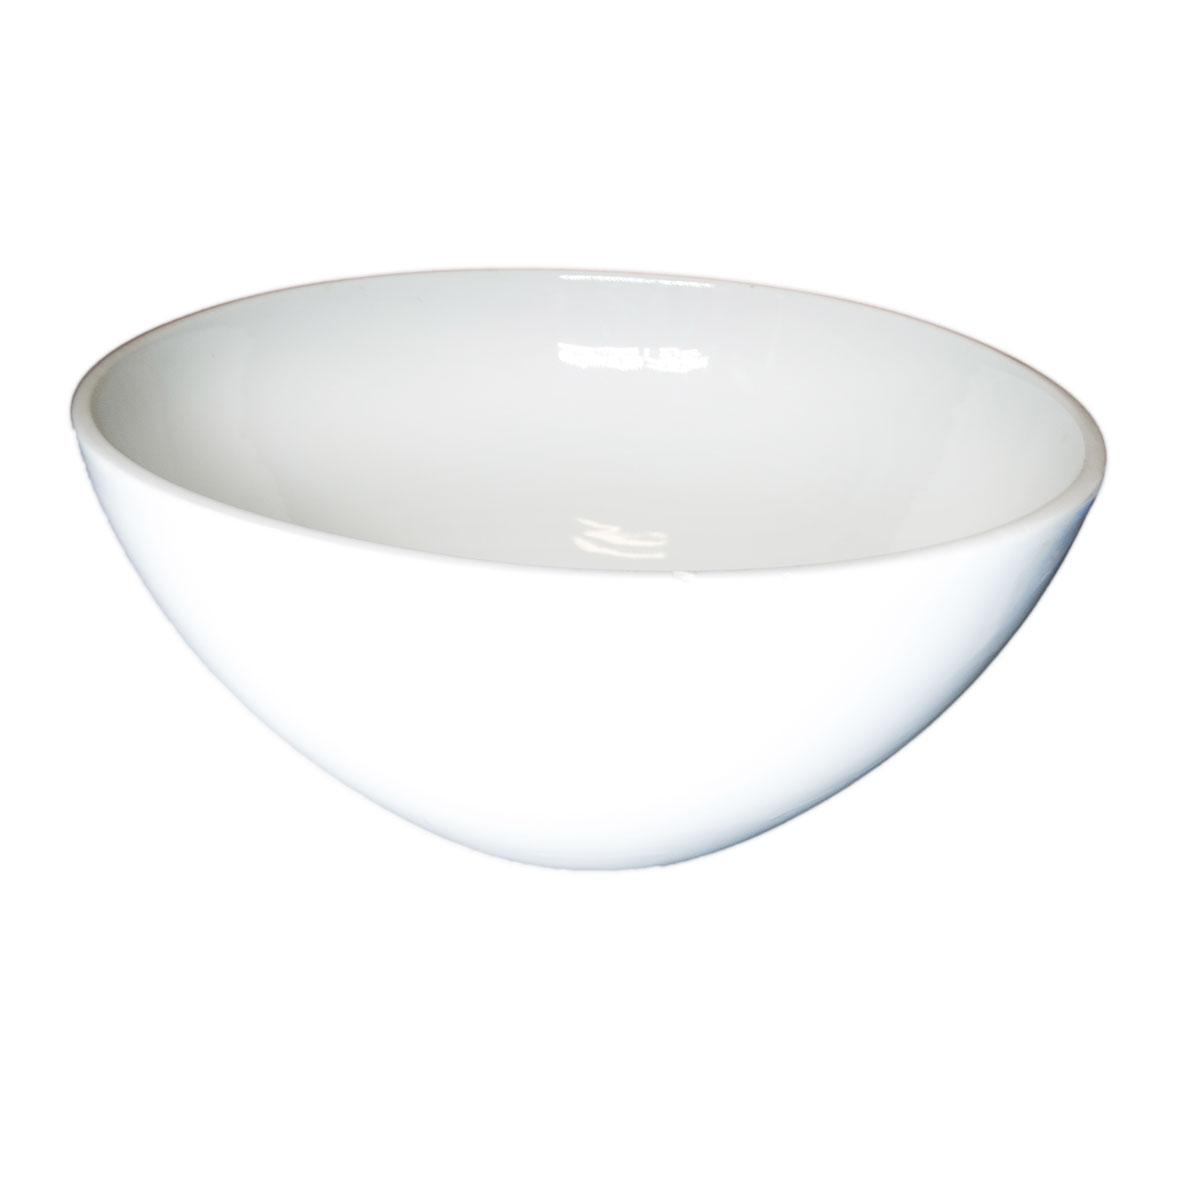 Travessa de Porcelana Redonda Funda 41x19,5